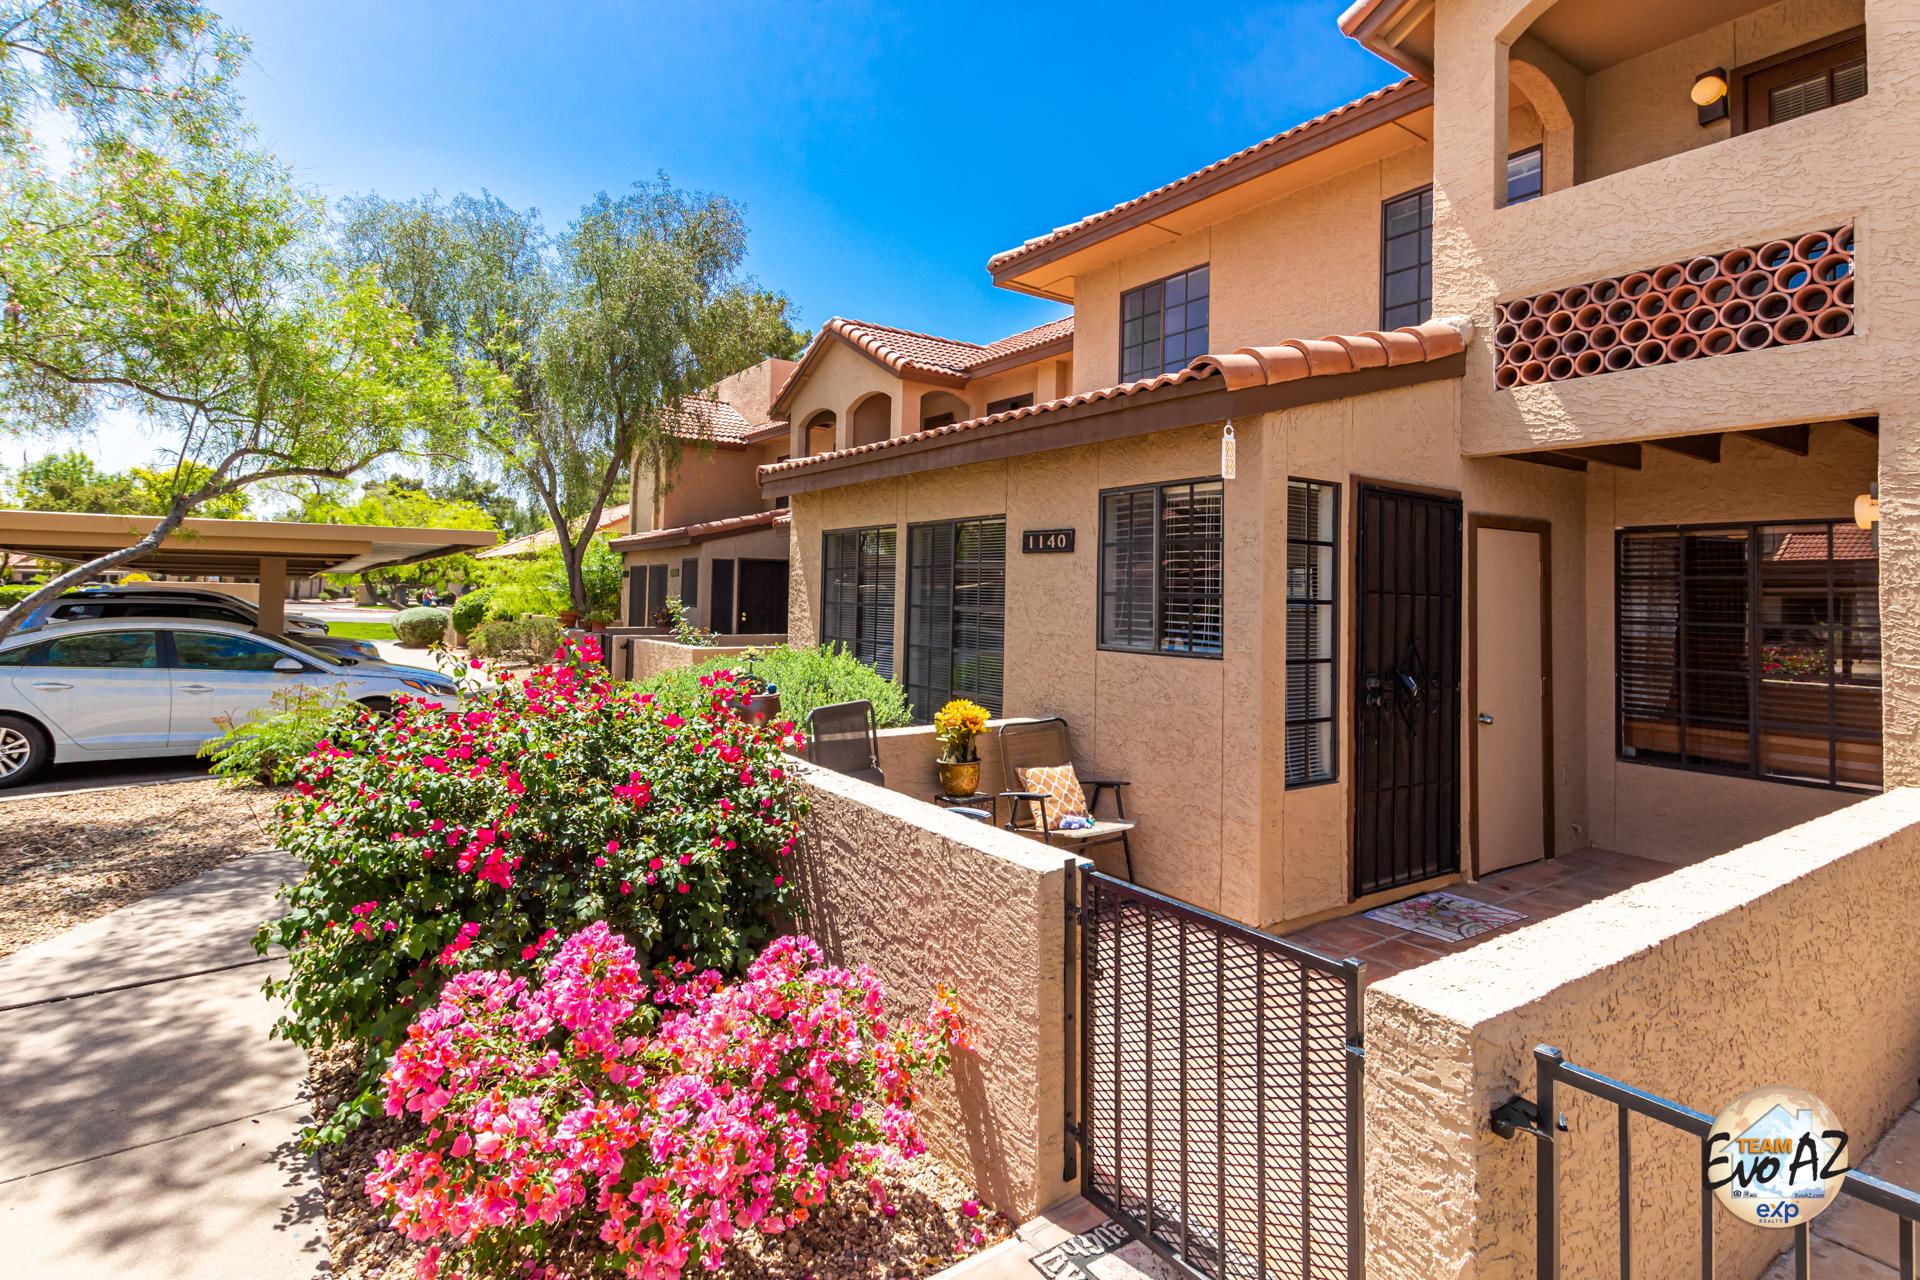 8625 E Belleview Pl, Scottsdale, AZ 85257